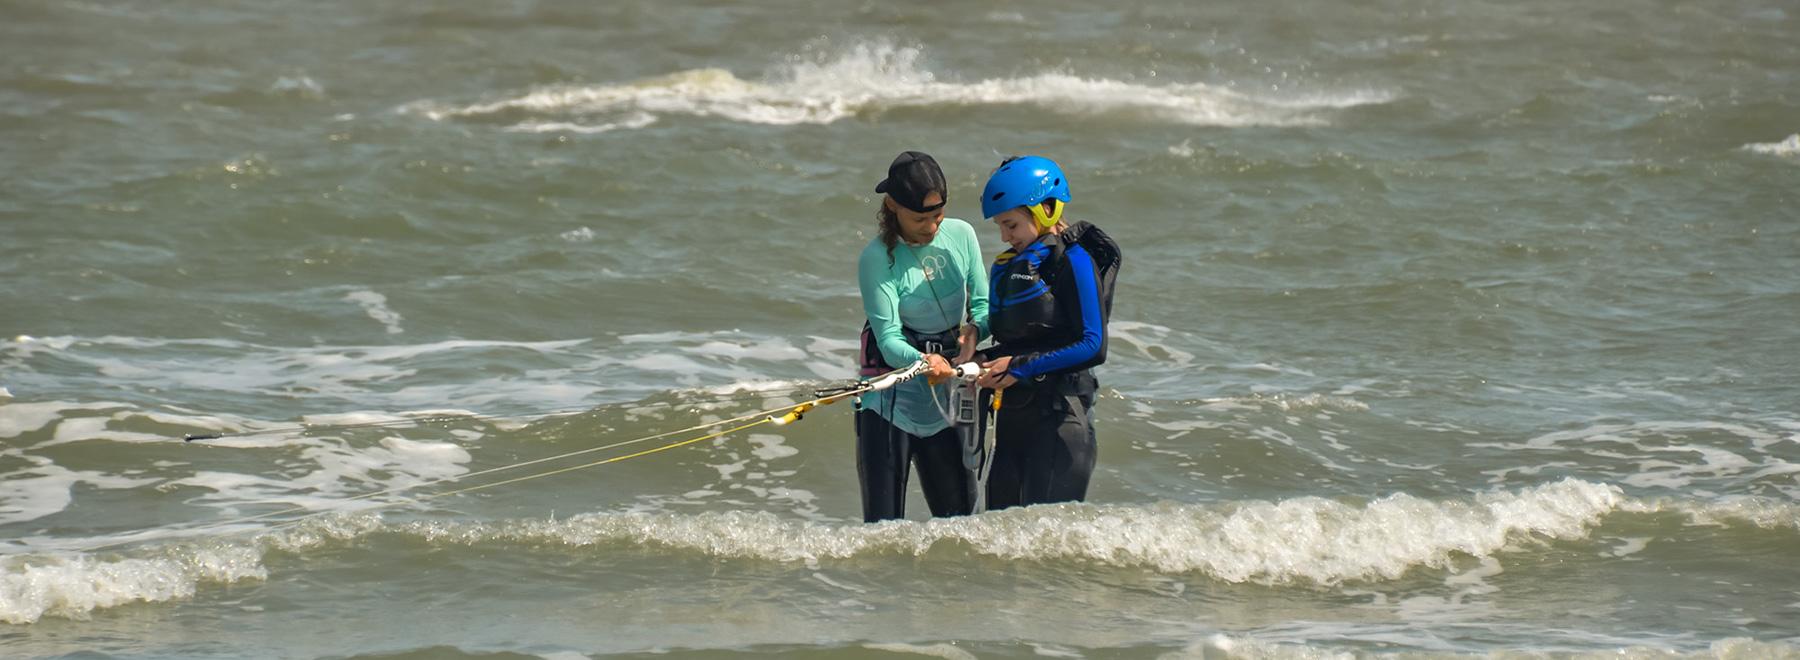 Kitesurfen-lernen,-Panama--Punta-Chame